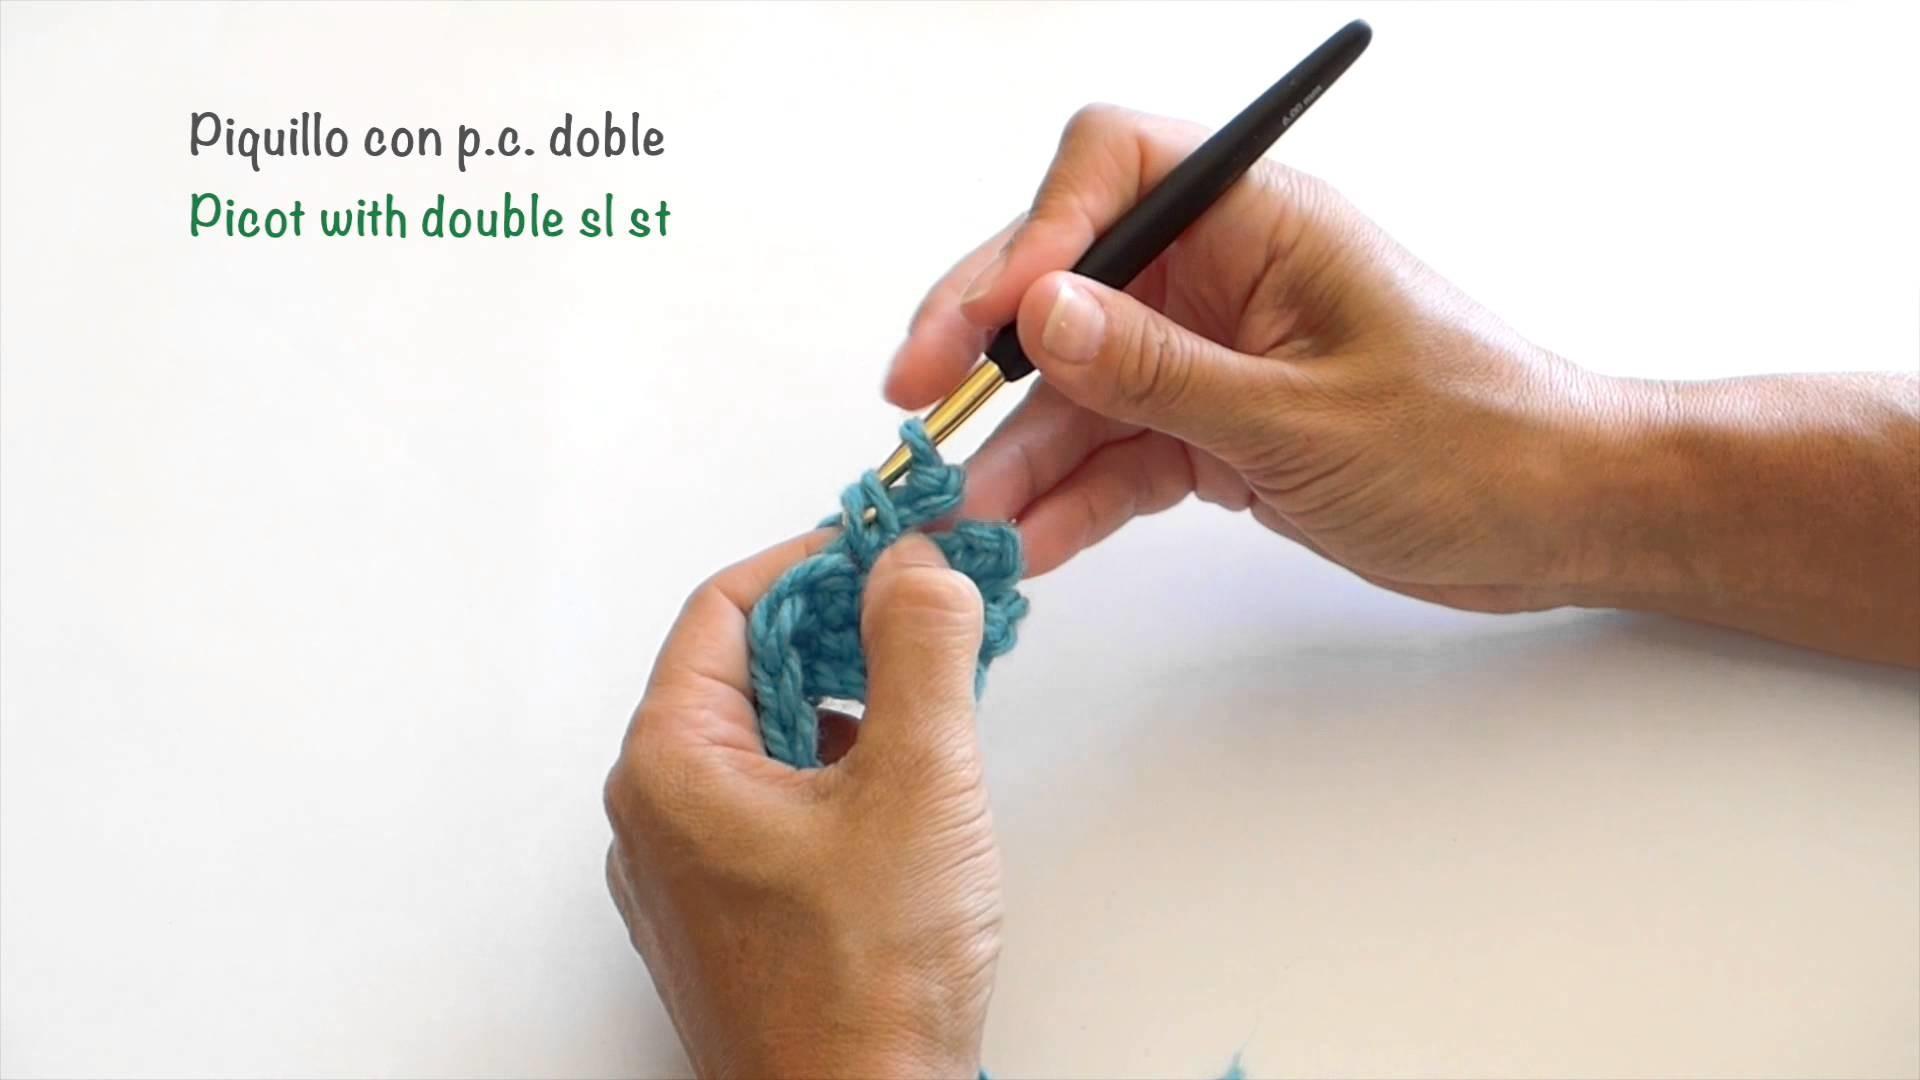 Piquillo con Punto corredizo doble. Picot with double slip stitch